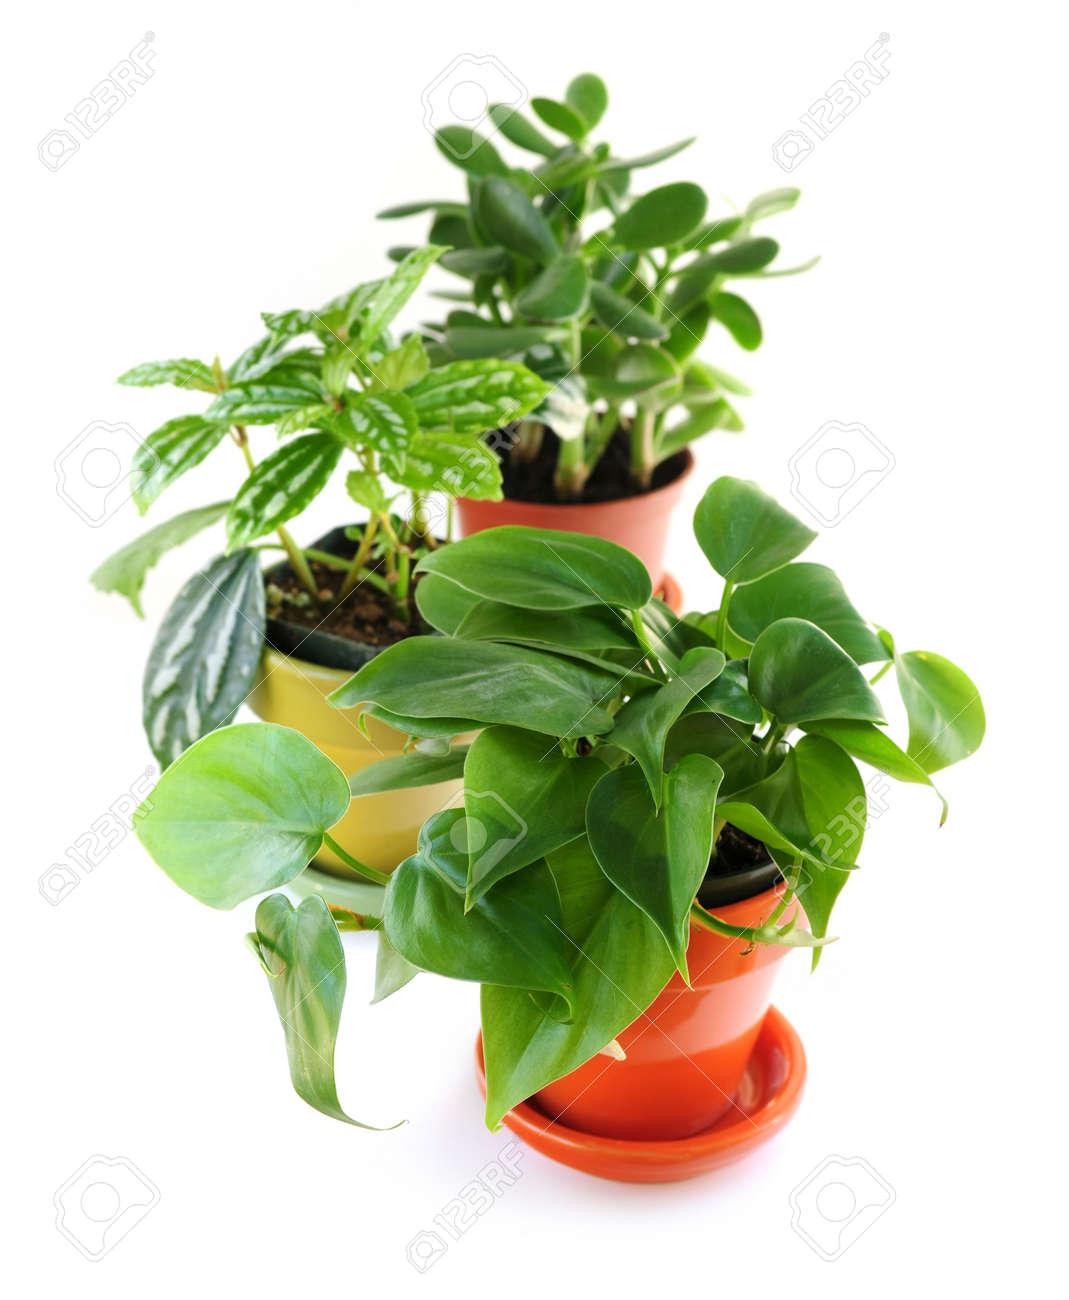 Assorted Grune Zimmerpflanzen In Topfen Vereinzelt Auf Weissem Hintergrund